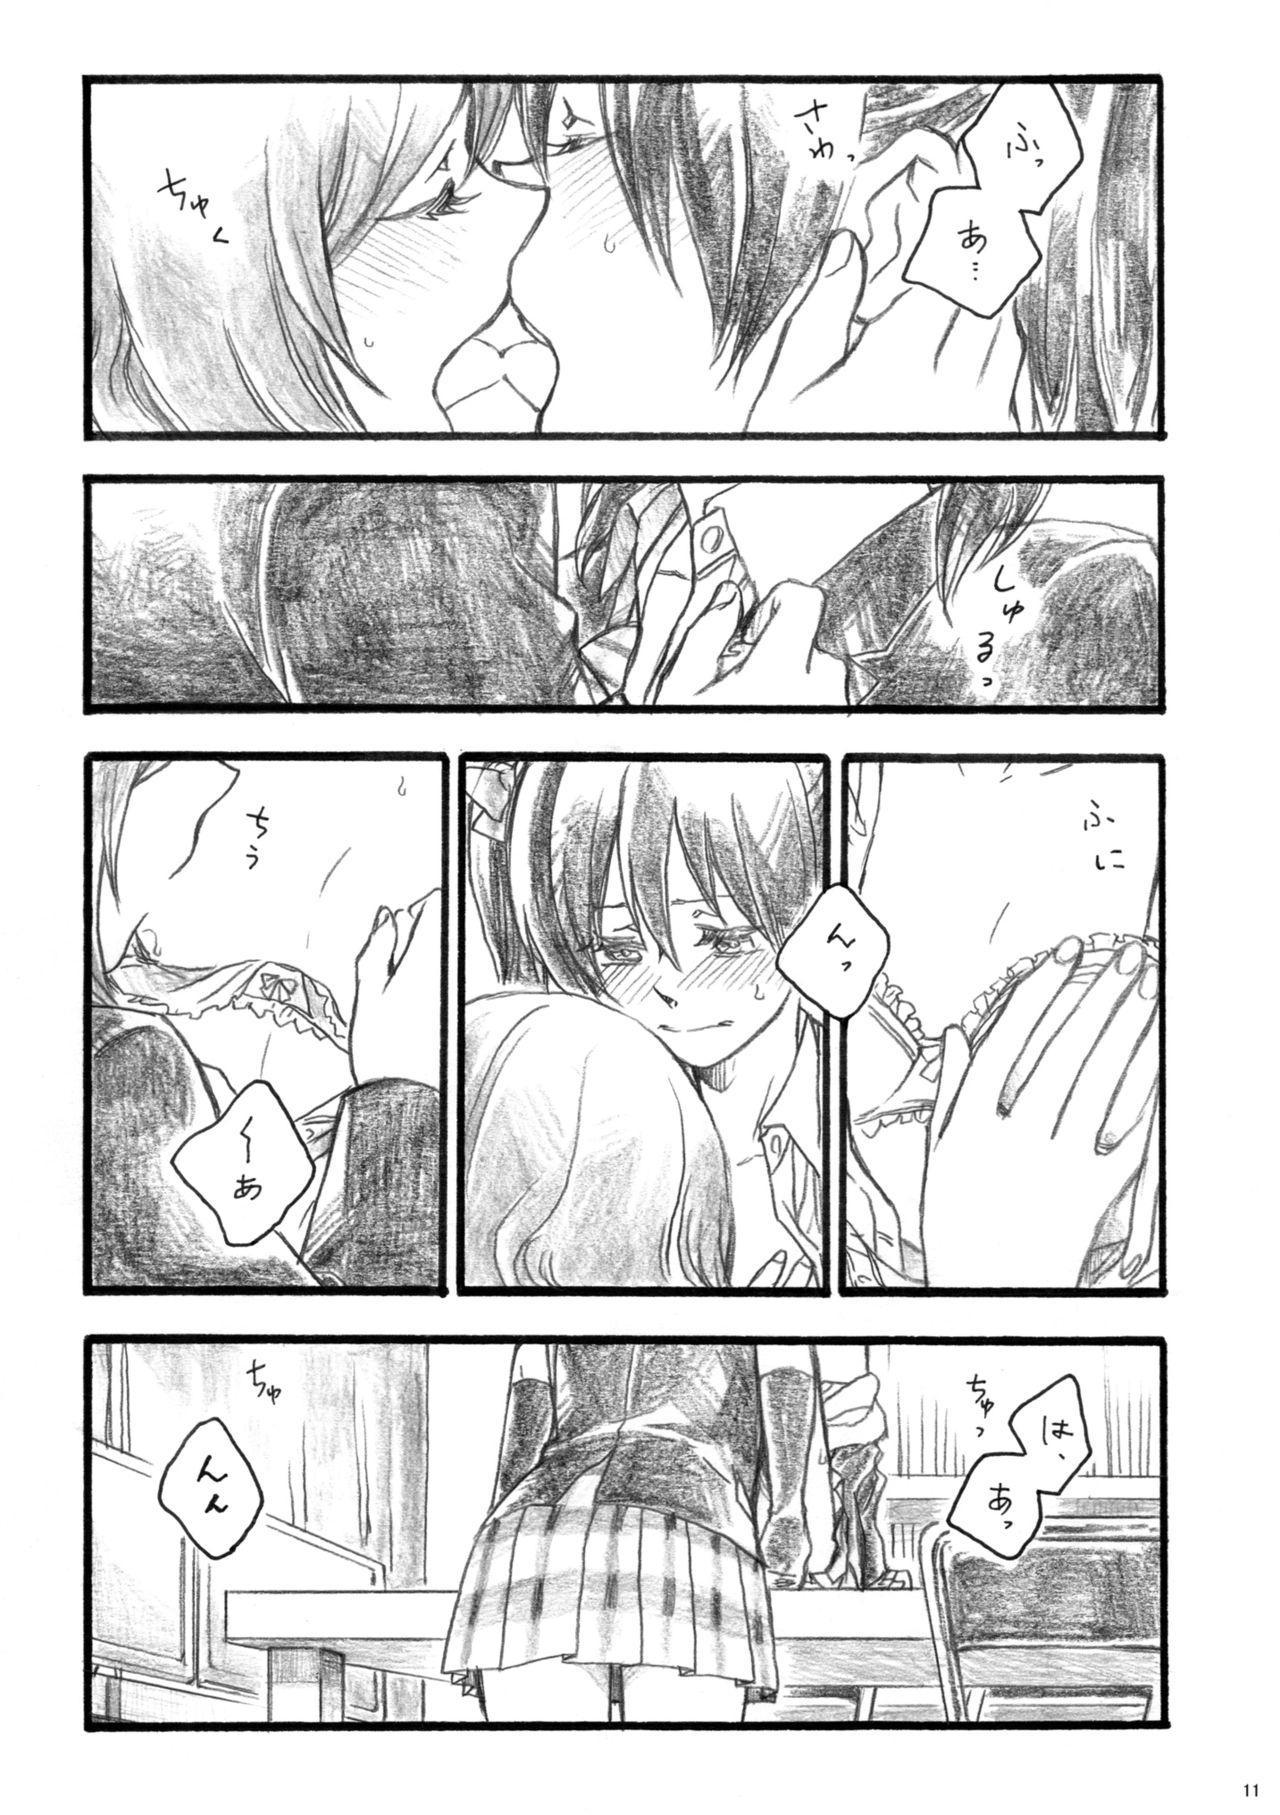 Sakura no ato 10